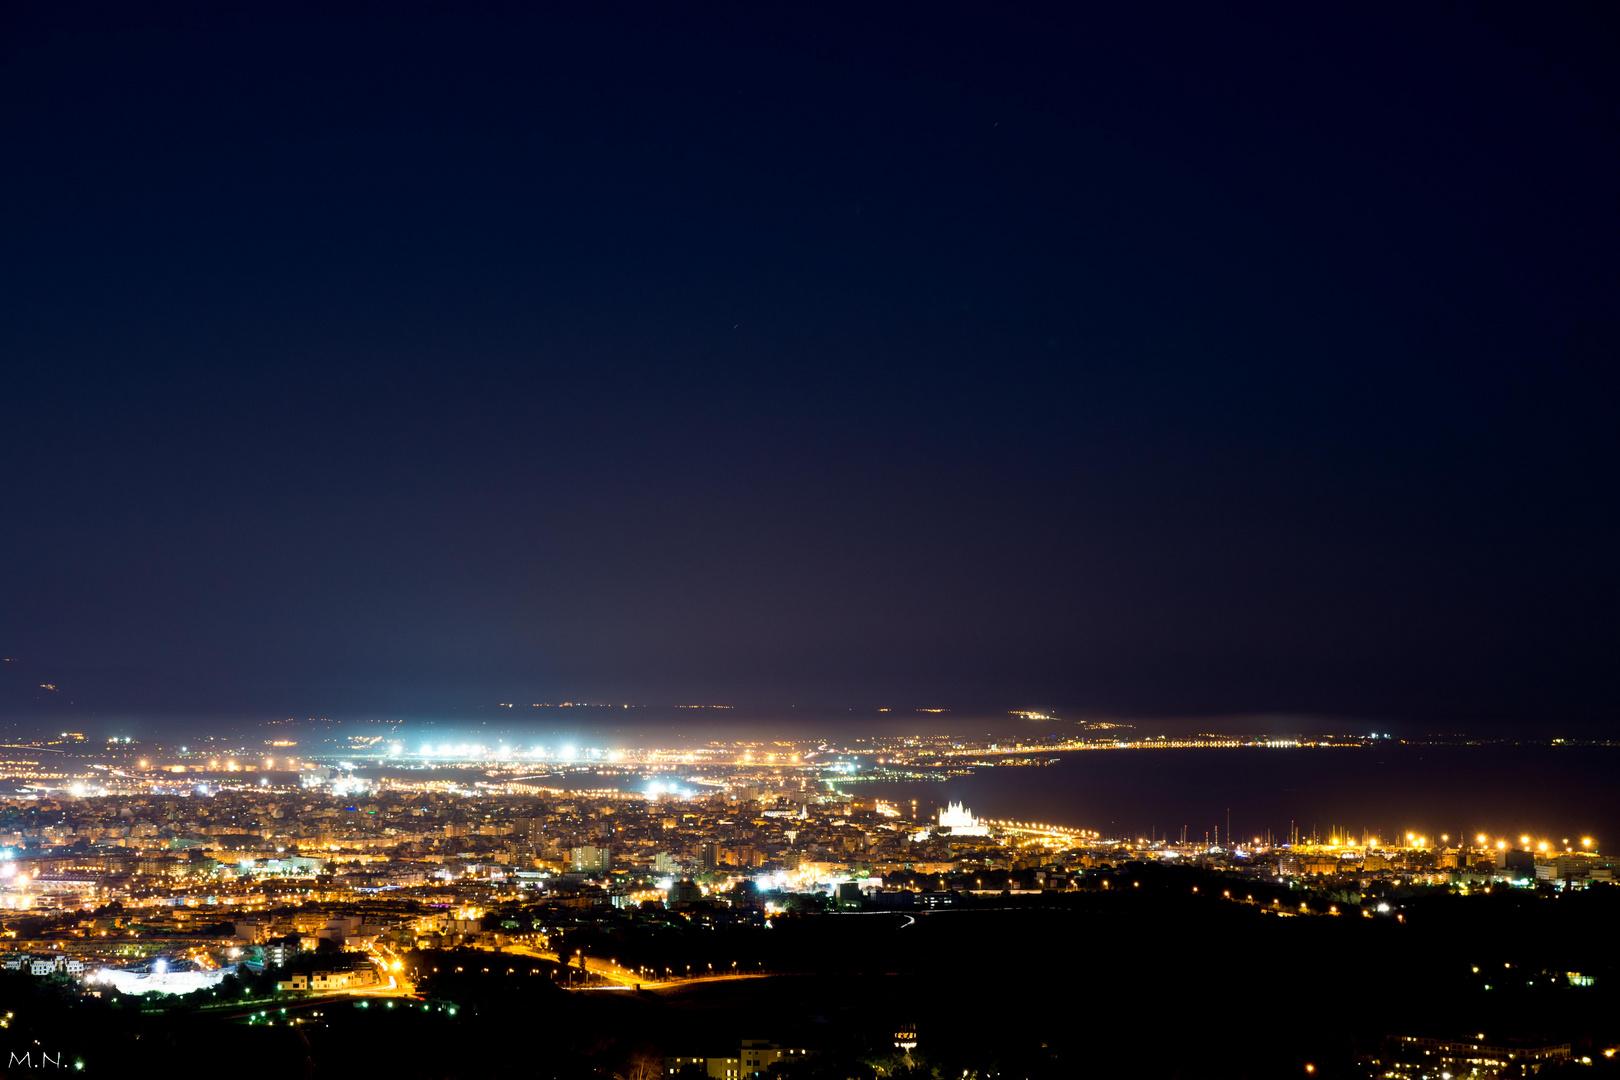 La ciudad nunca duerme, Palma de Mallorca